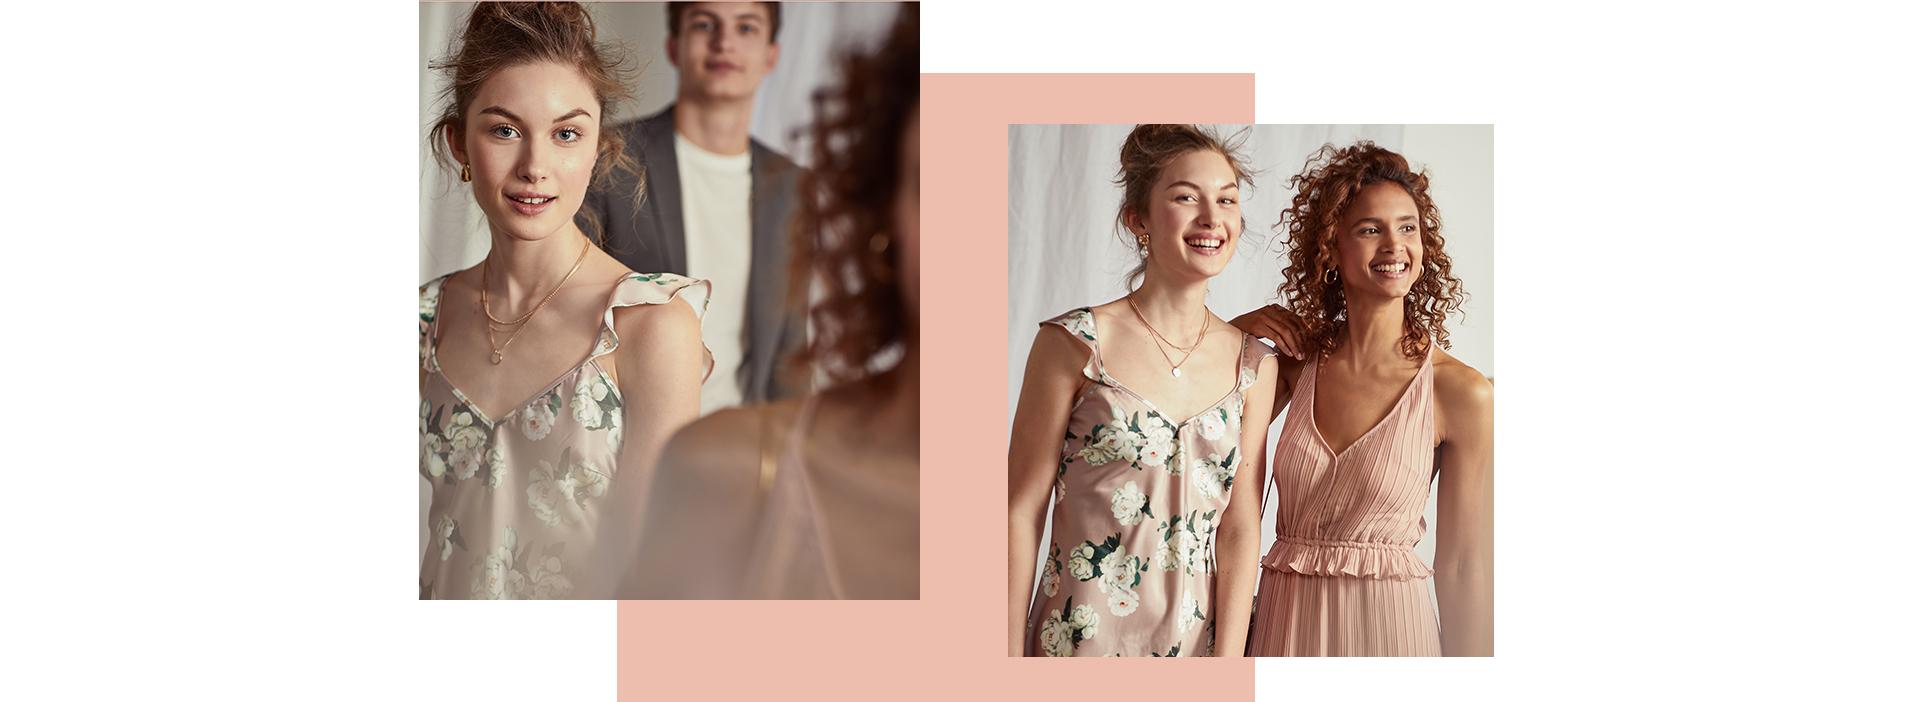 6d654a965519 För att göra det lite enklare att välja kläder till bröllop så har vi  samlat massor av stilinspiration till bröllopsgästen. Have a look!